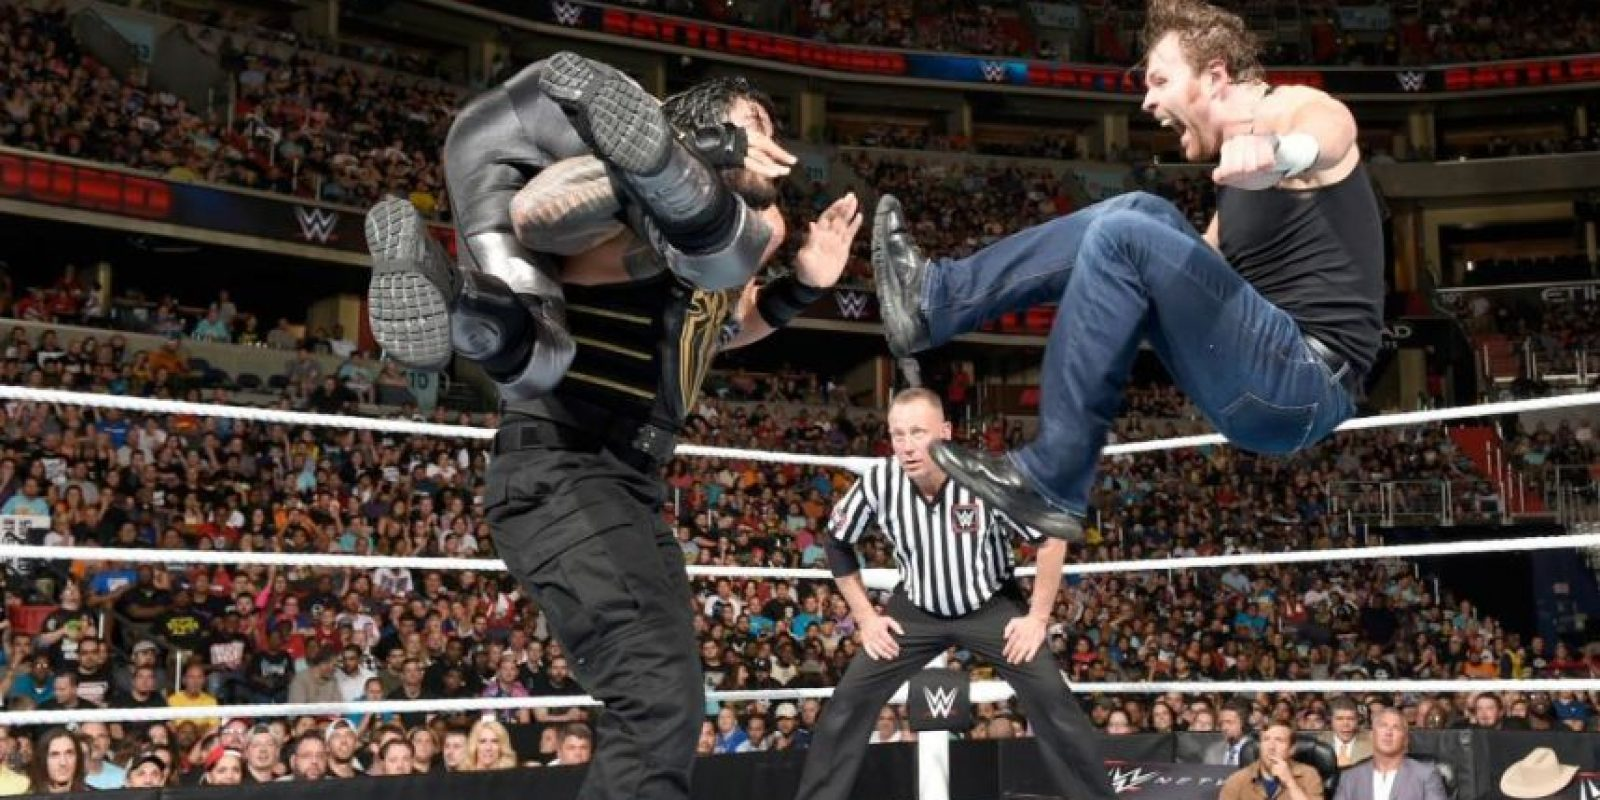 Dean Ambrose retuvo el Campeonato de WWE ante Seth Rollins y Roman Reigns Foto:WWE